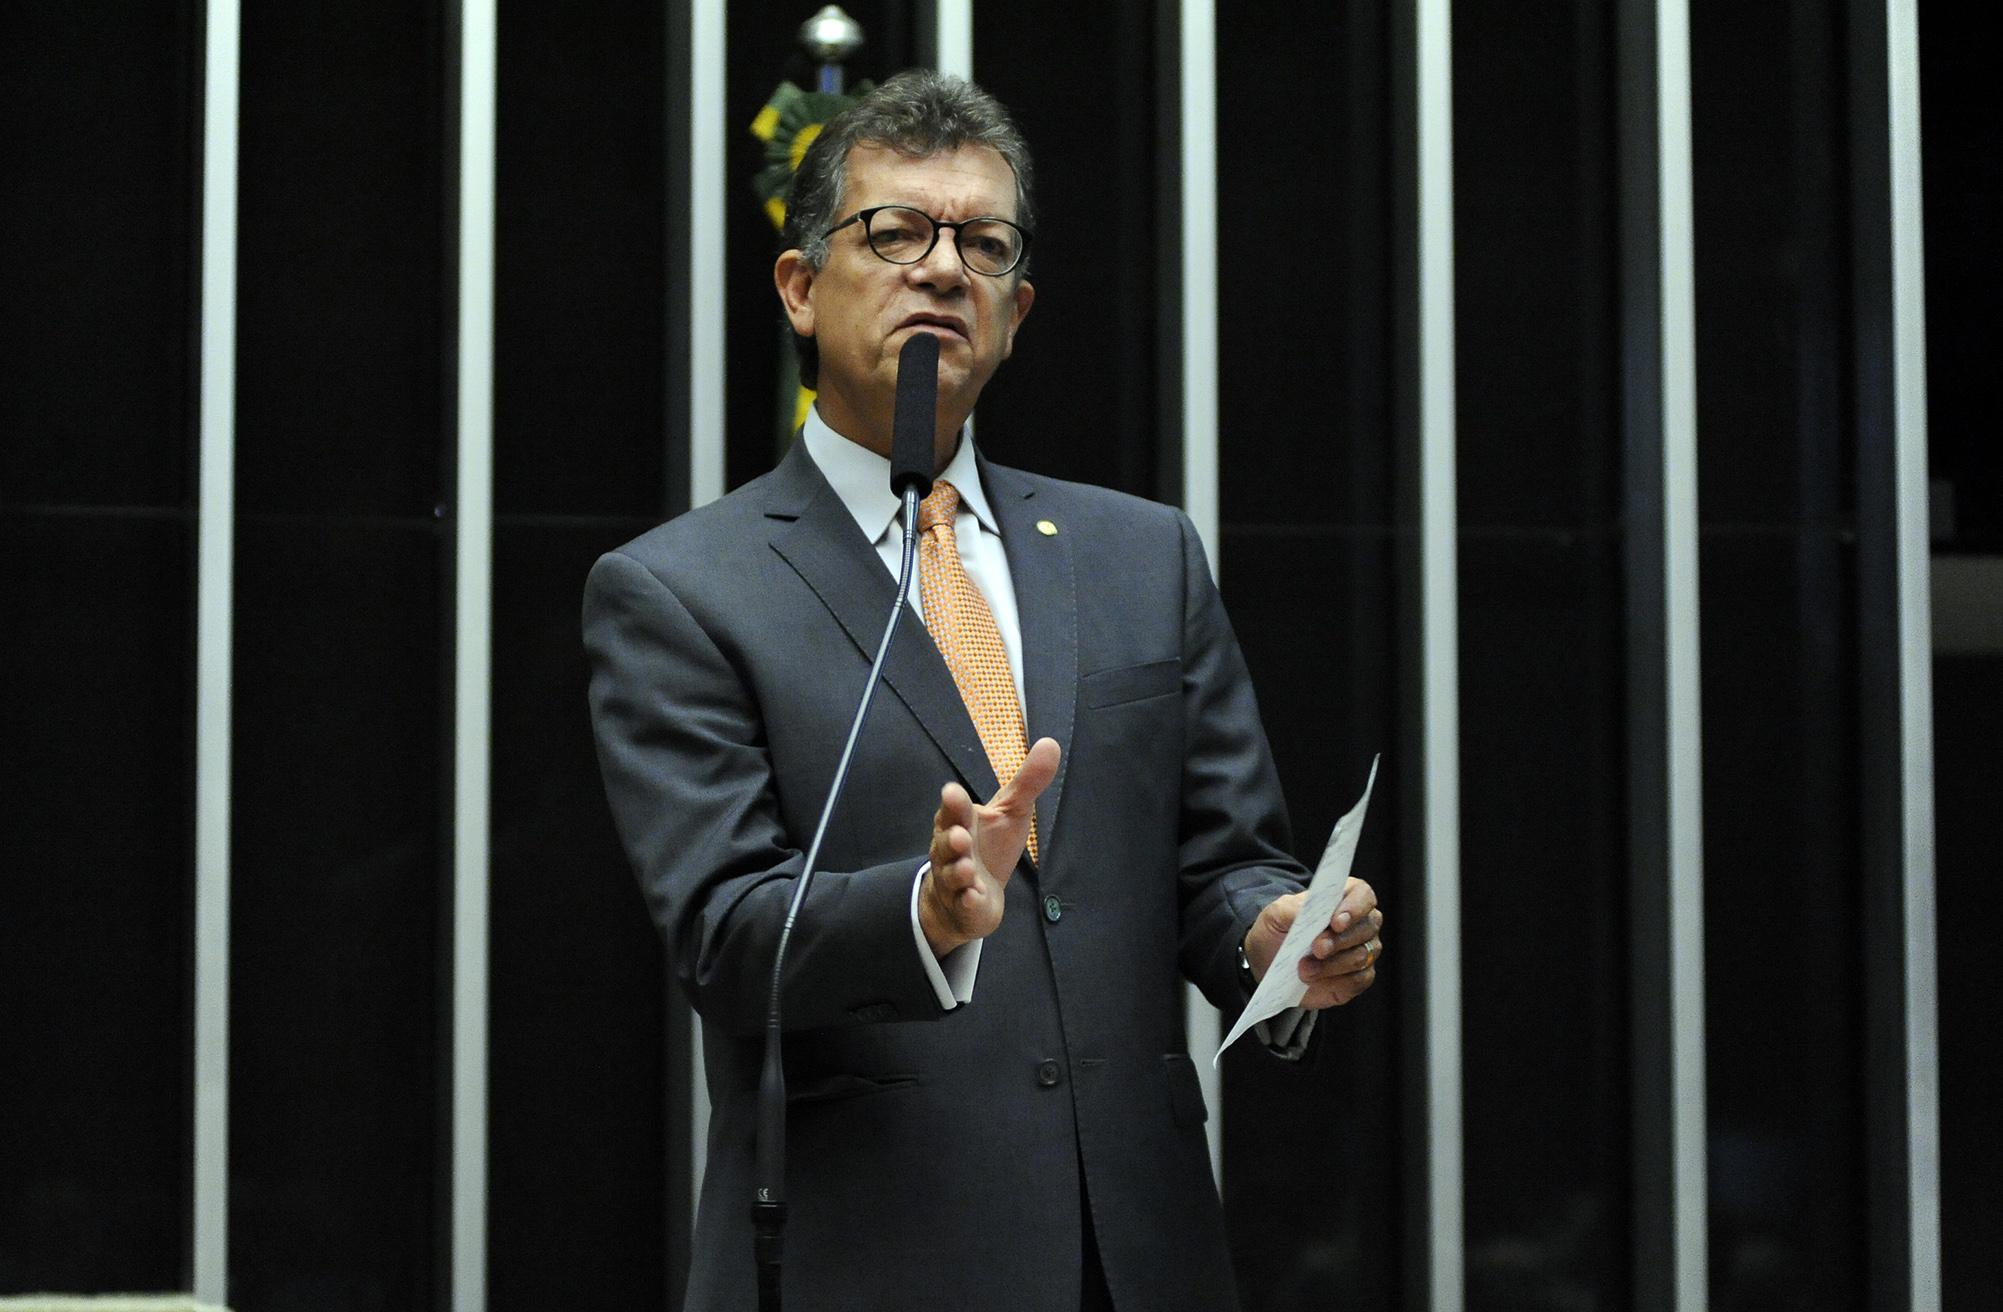 Sessão extraordinária para discussão e votação de diversos projetos. Dep. Laércio Oliveira (SD-SE)